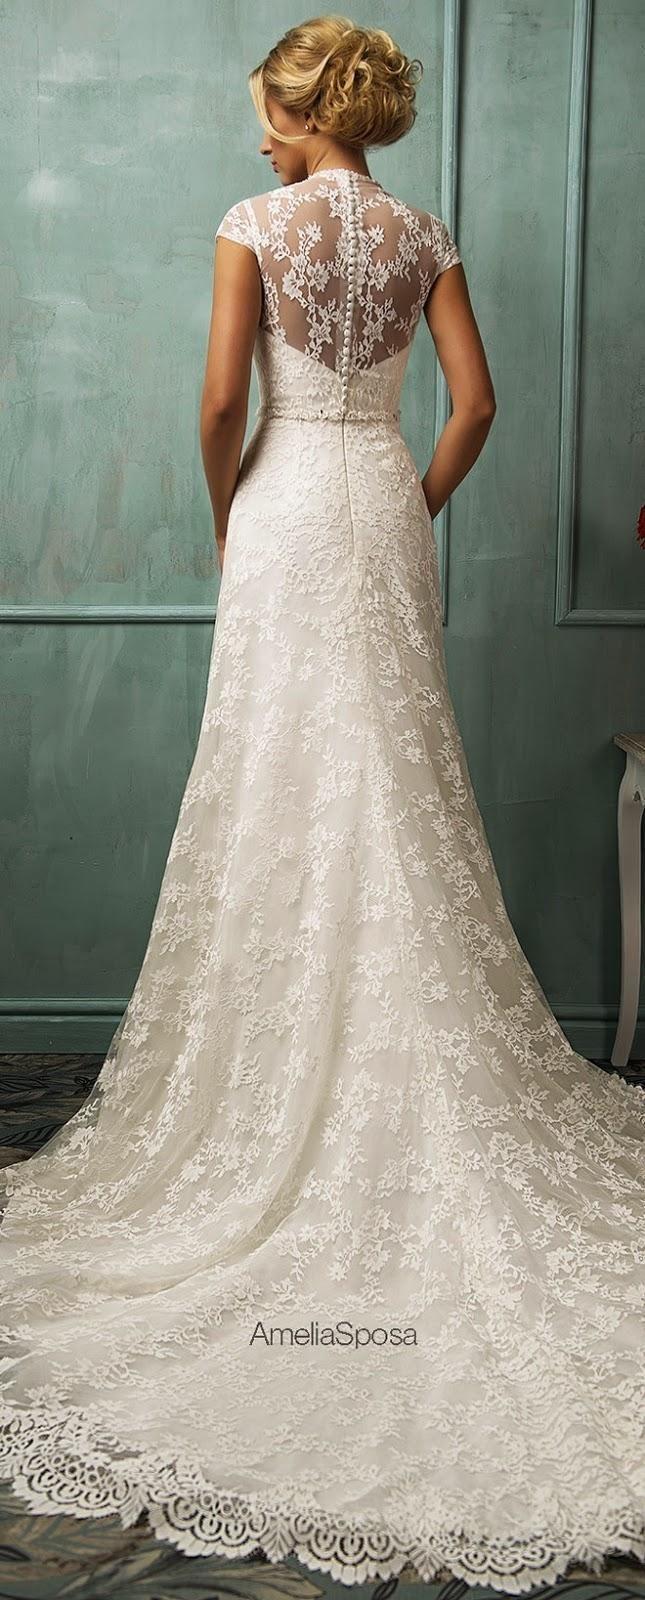 70 besten Hochzeitskleider Bilder auf Pinterest   Hochzeitskleider ...